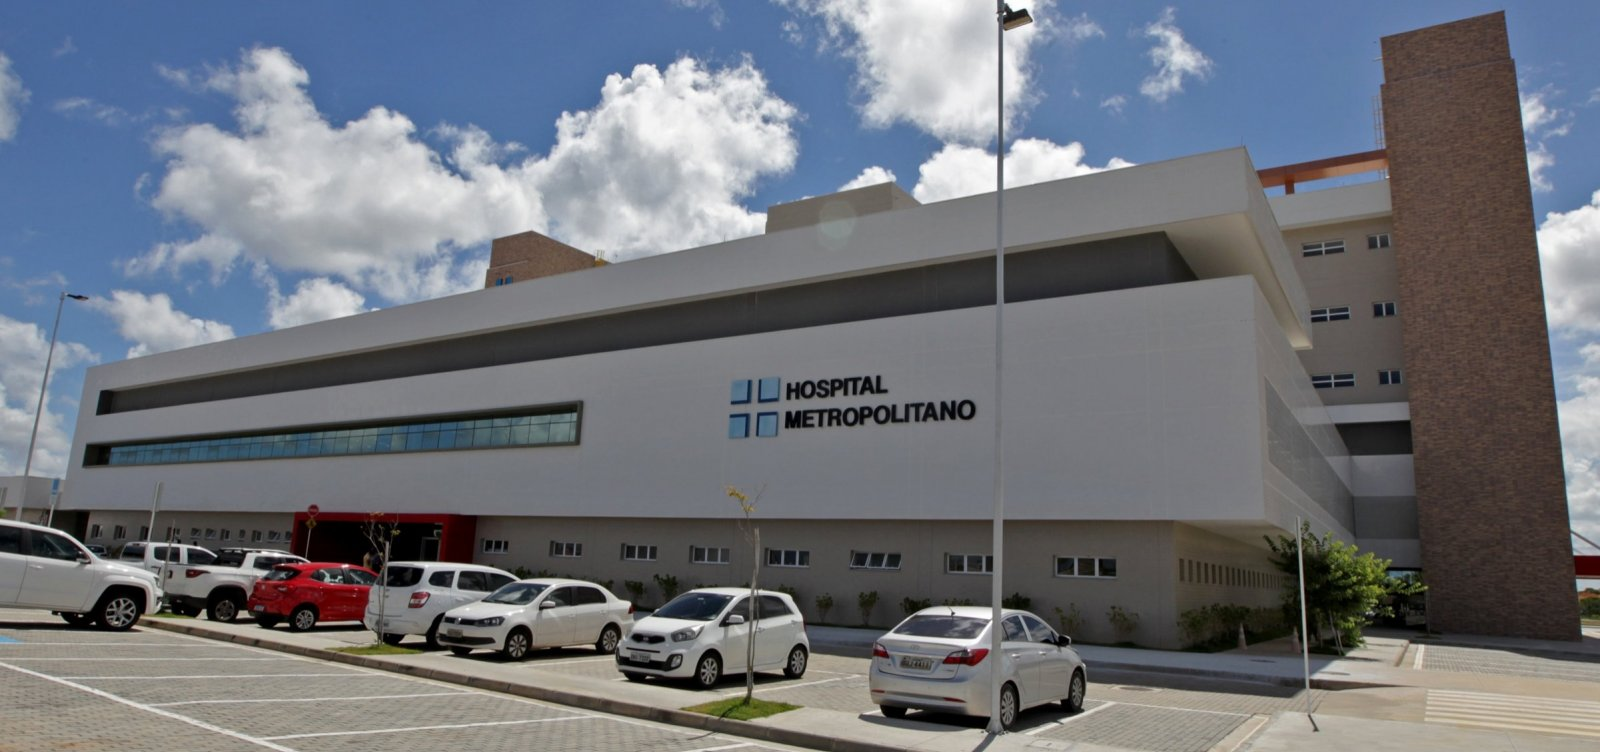 Governo da Bahia publica edital para concessão administrativa do Hospital Metropolitano